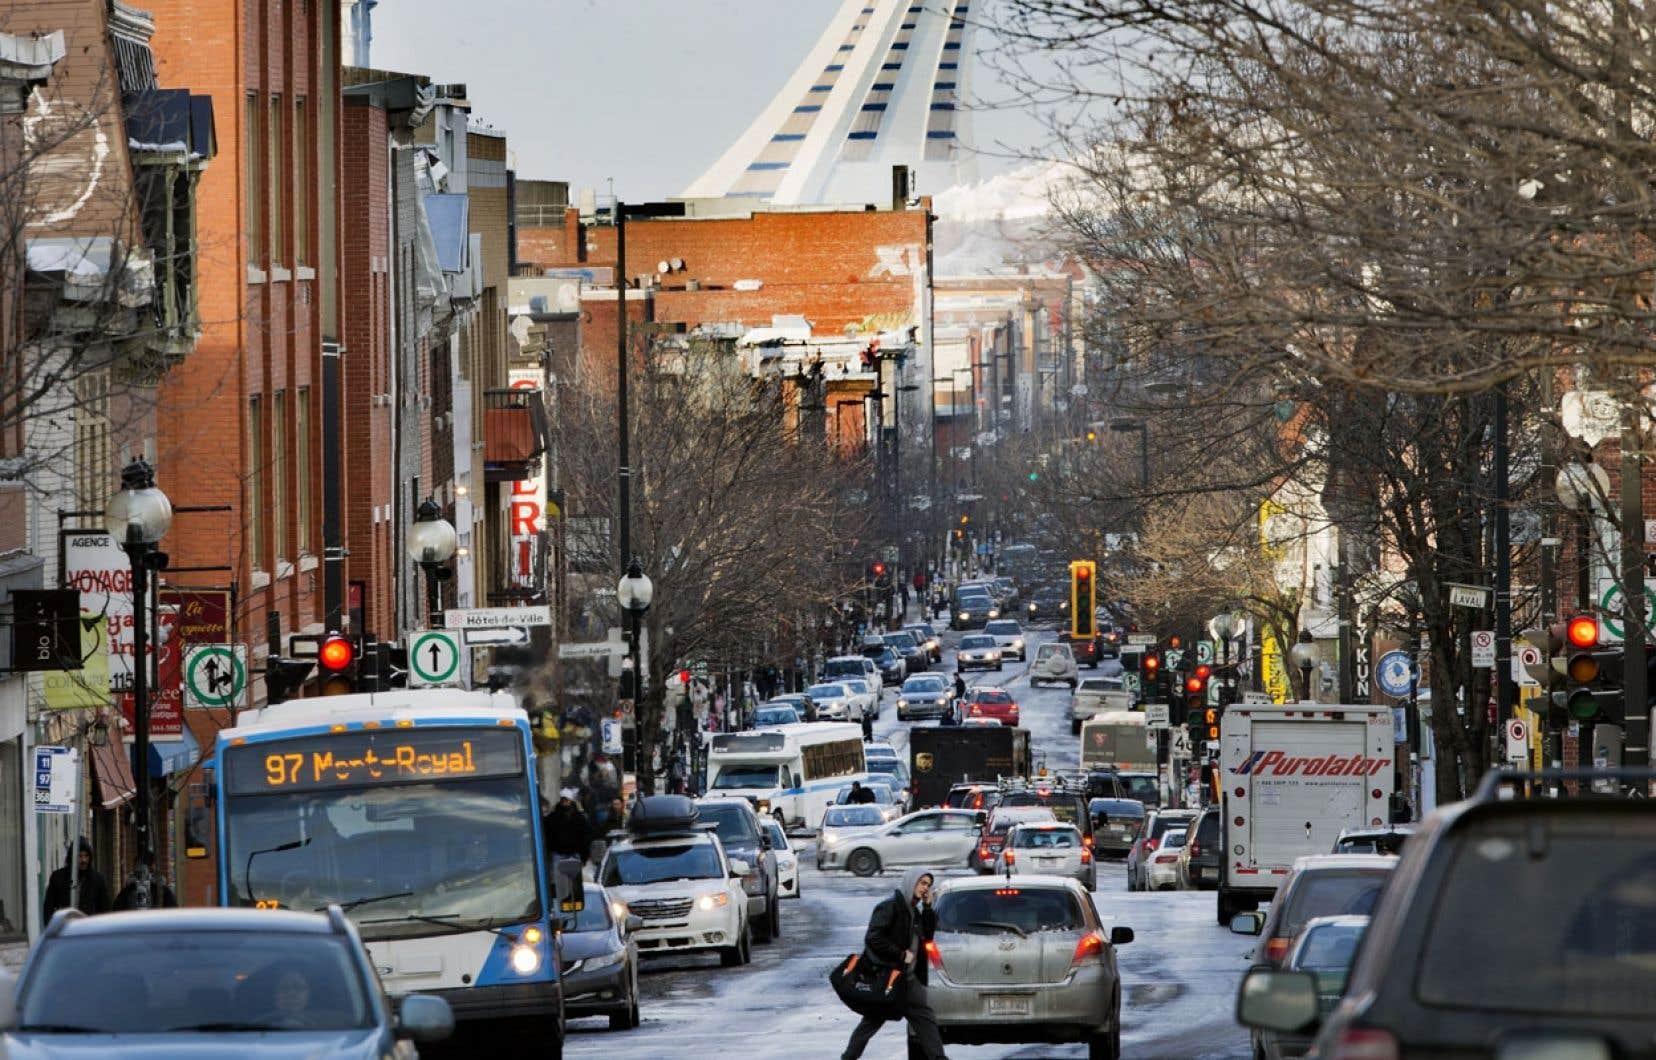 Le développement se stabilise sur l'avenue du Mont-Royal après trente ans de développement fulgurant.